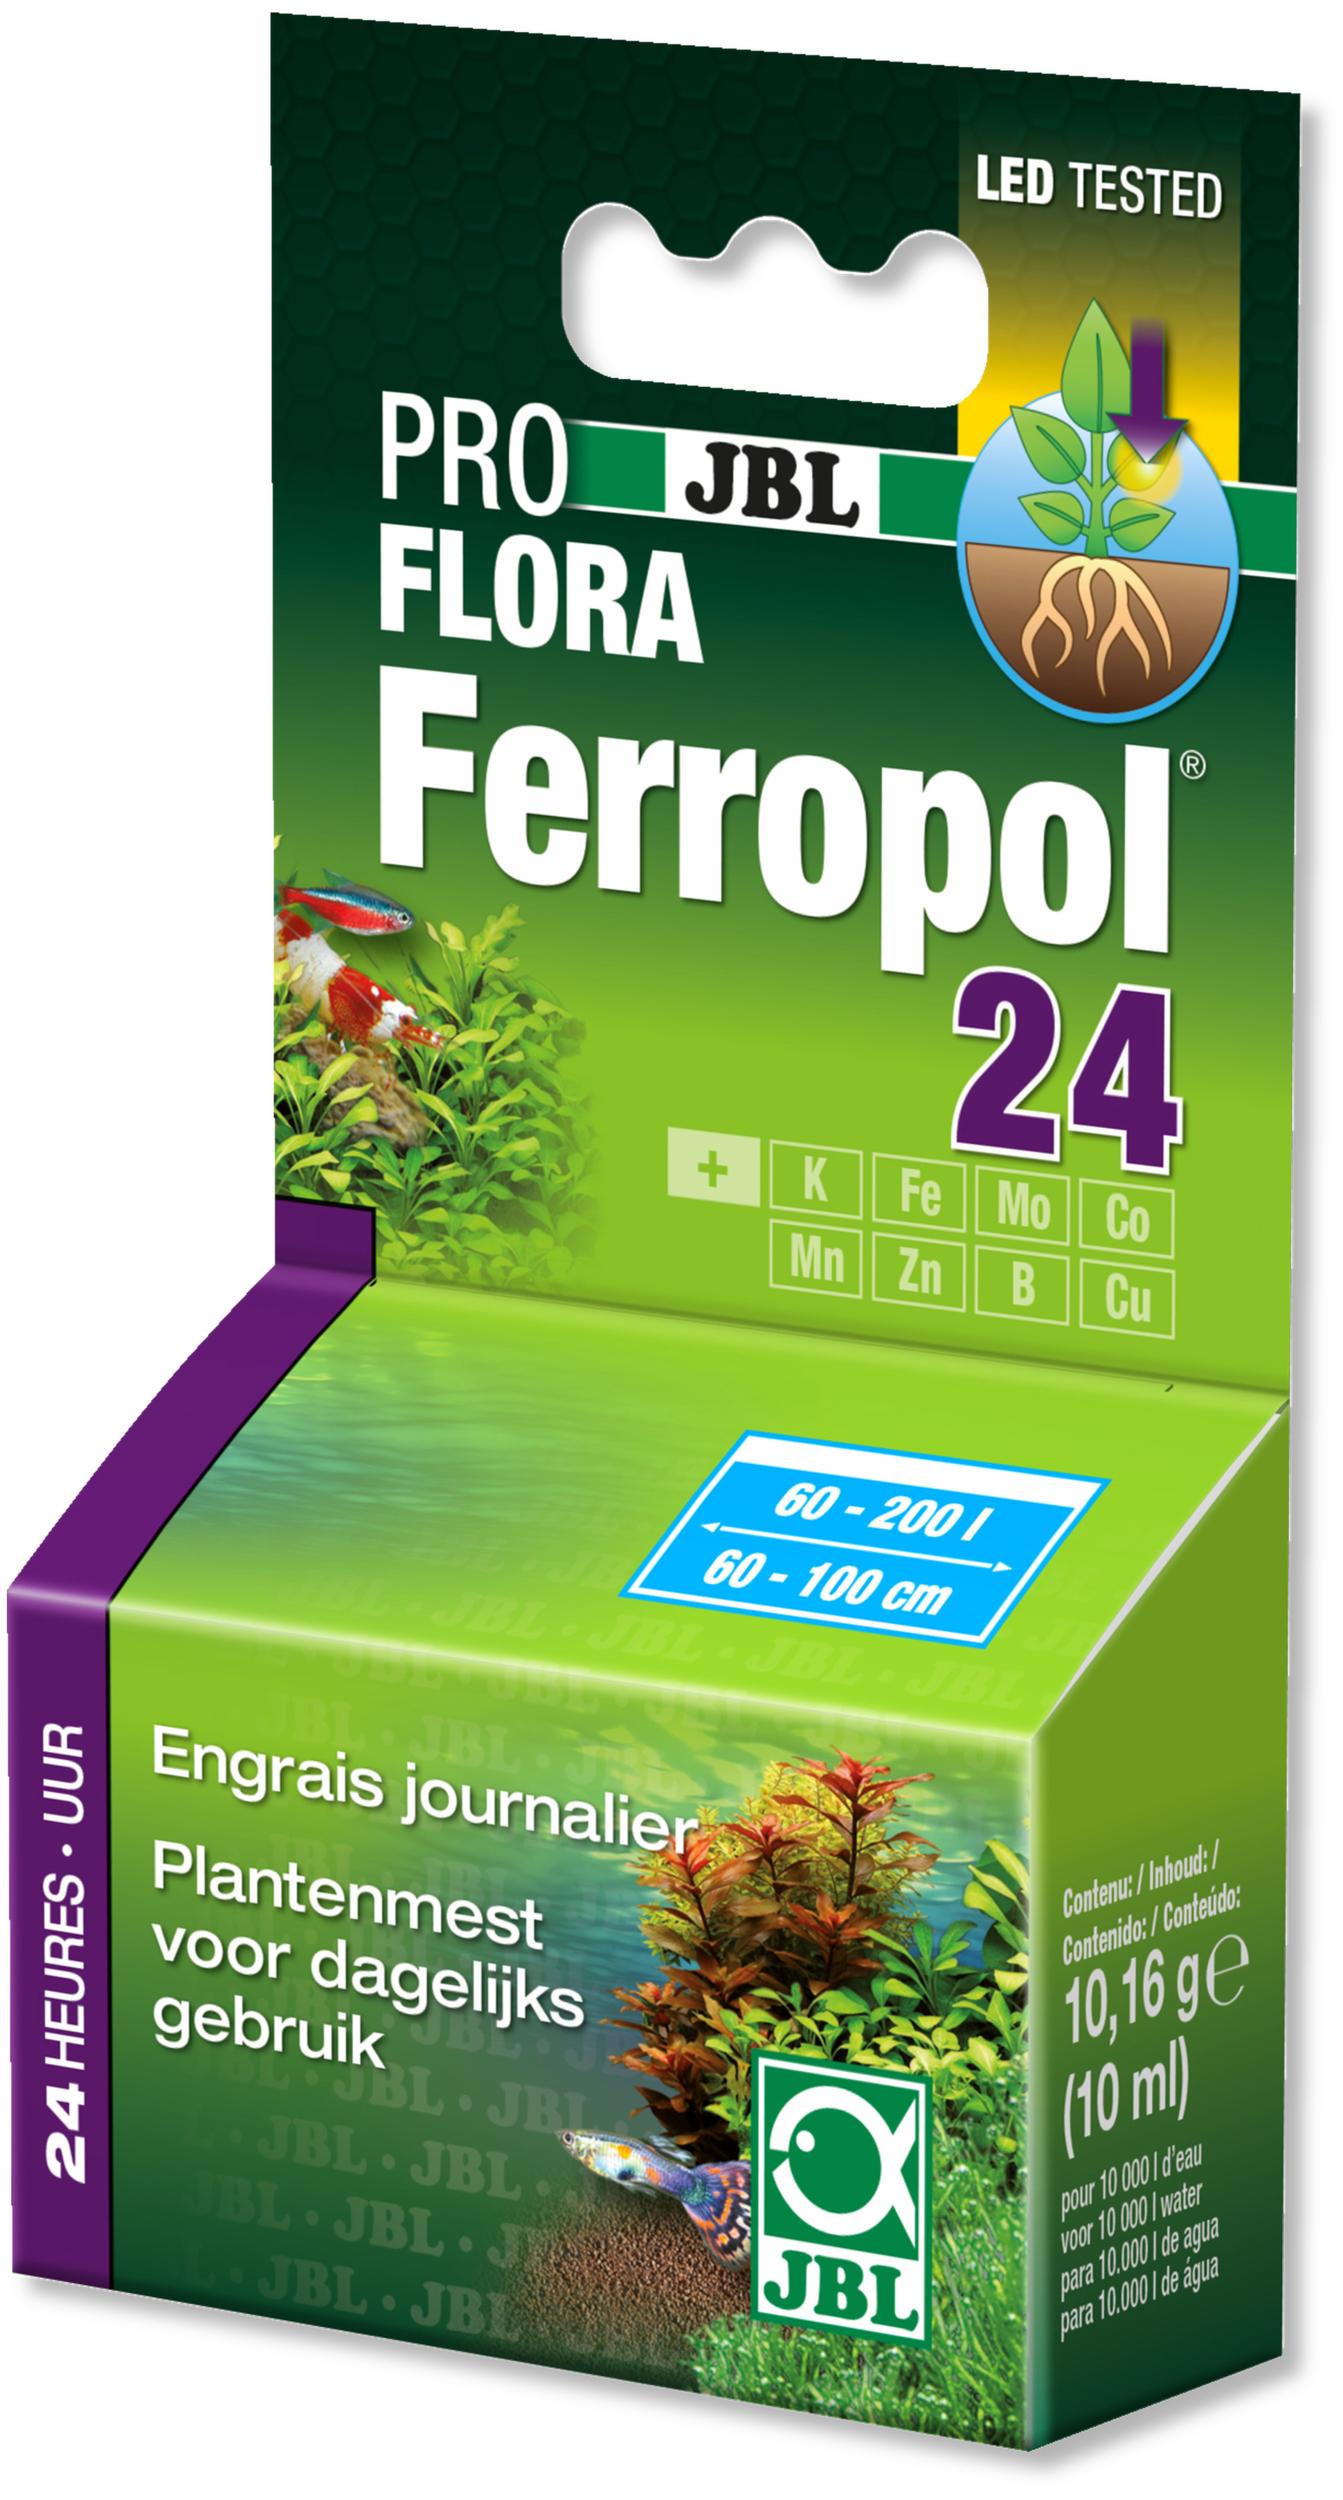 JBL Ferropol 24 10 ml engrais journalier pour plantes d\'aquarium